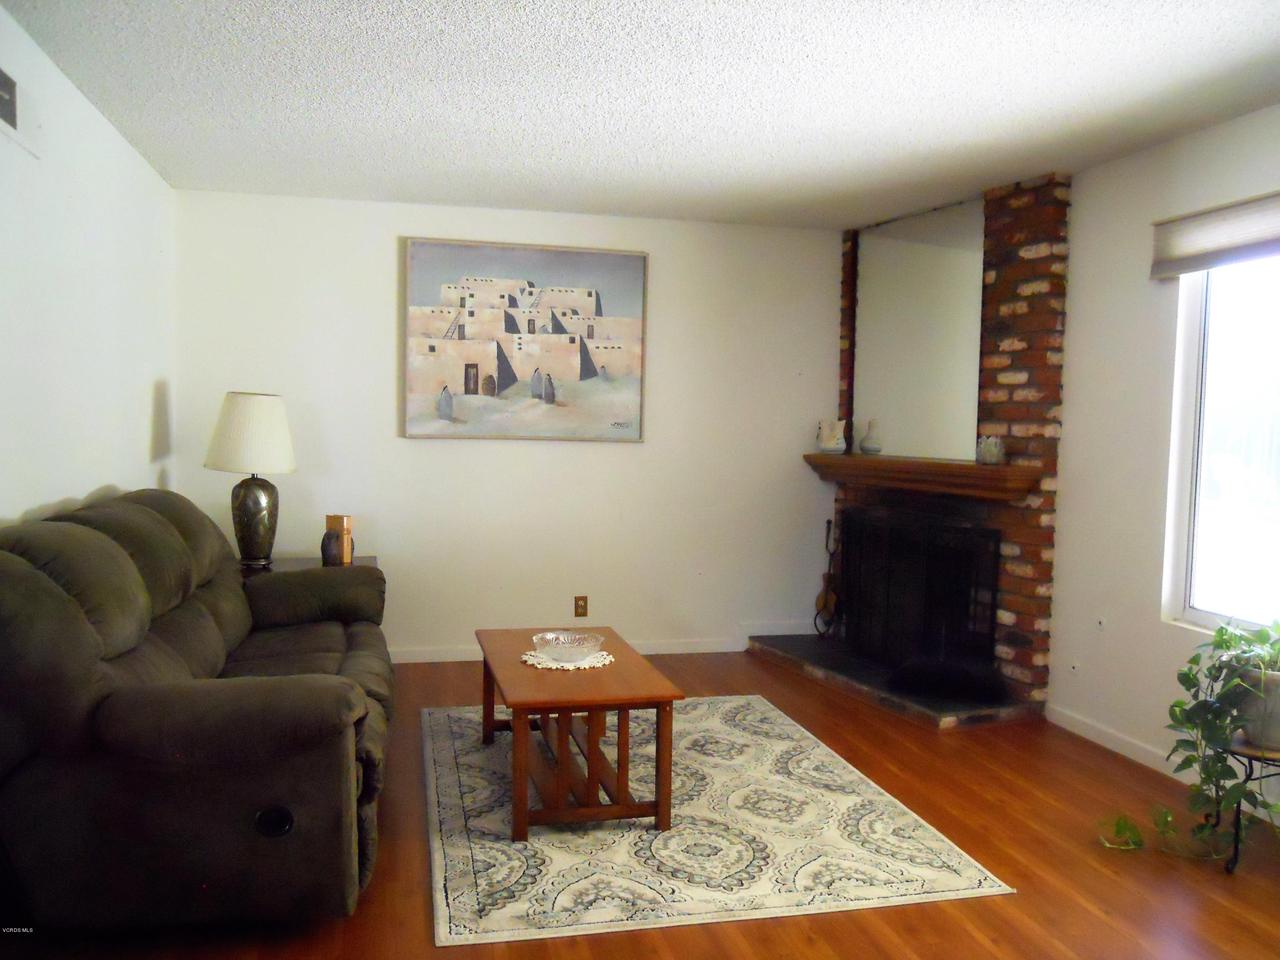 1207 SEYBOLT, Camarillo, CA 93010 - Living Room